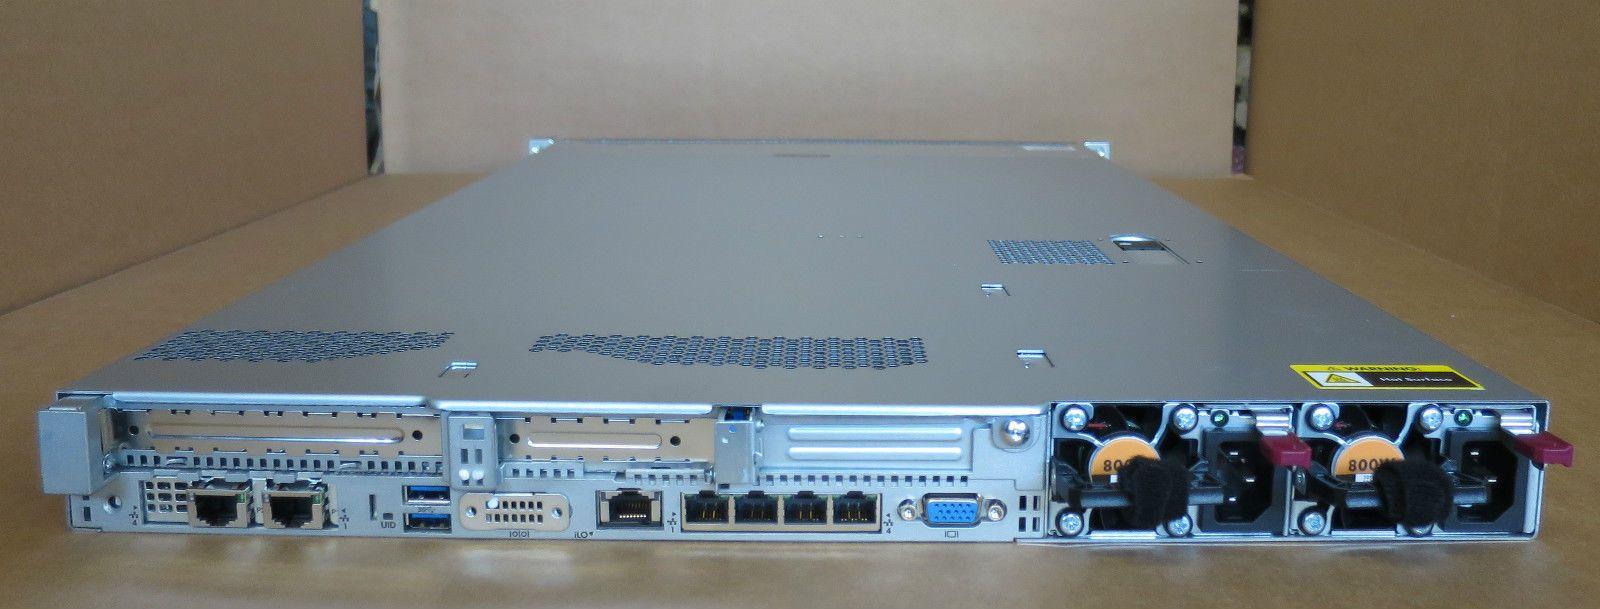 سرور اچ پی HP proliant dl630 gen 9